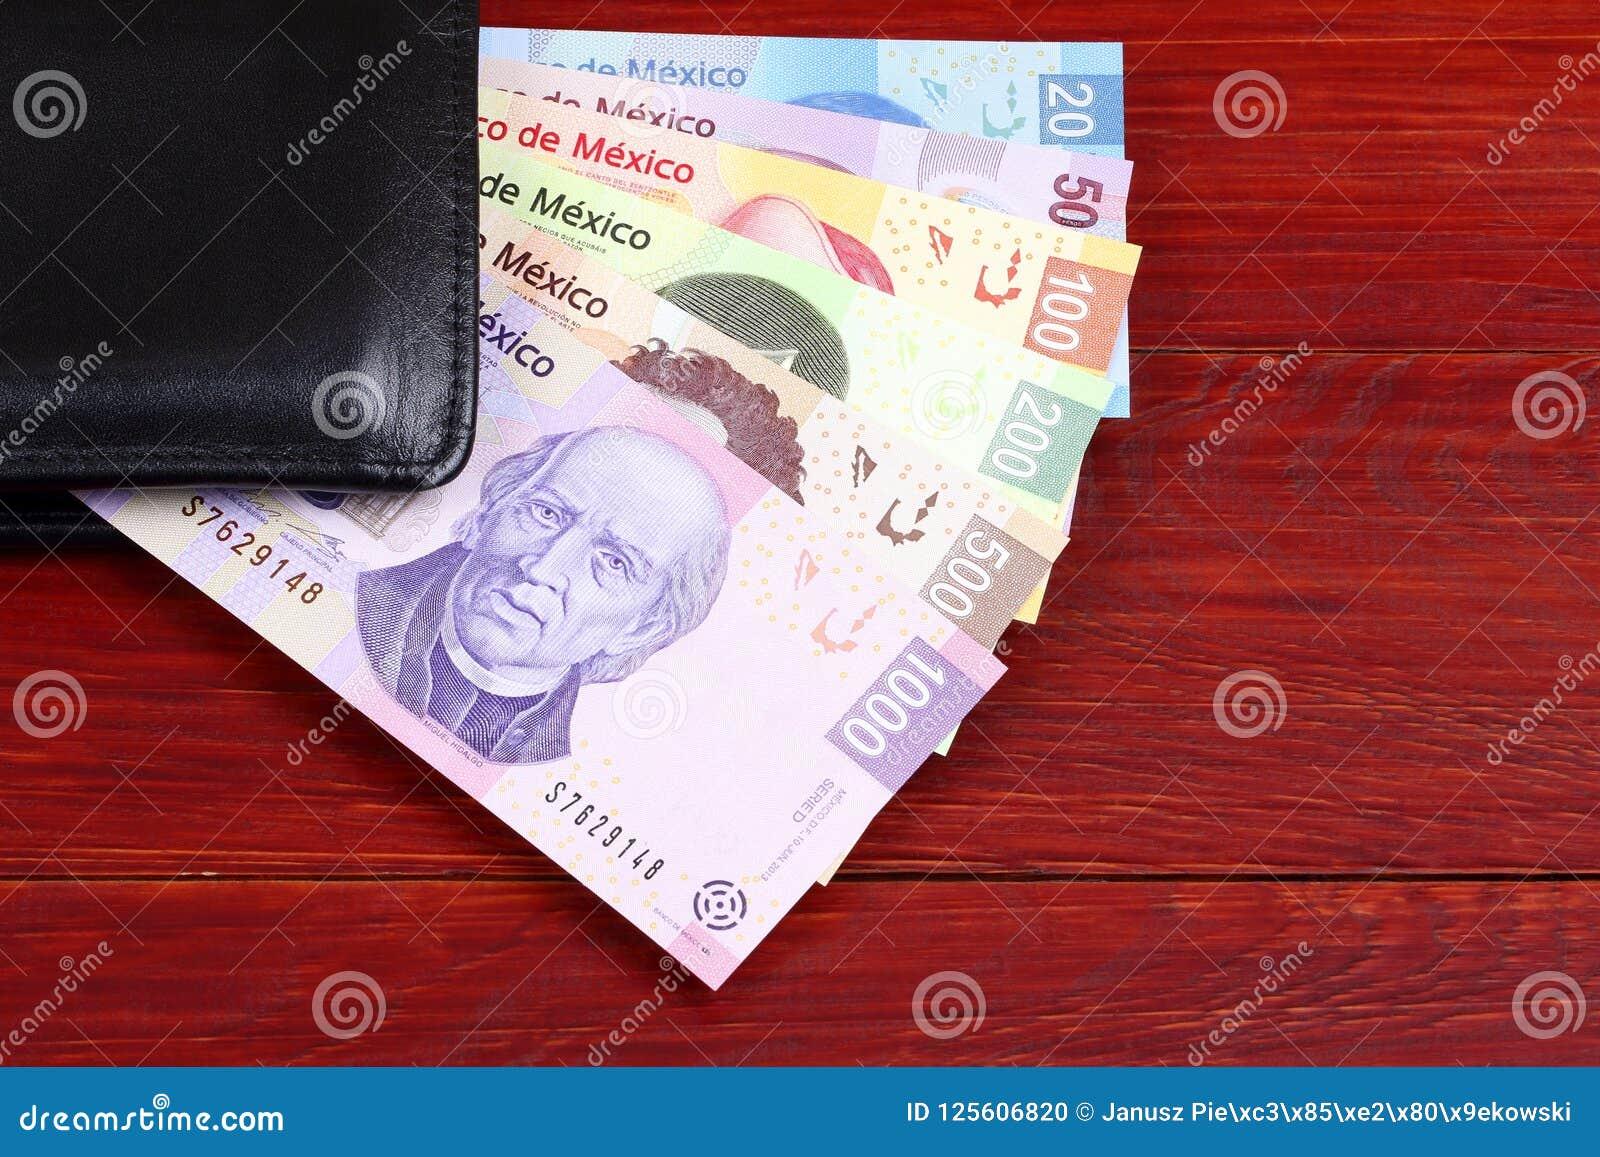 895b467b9 Pesos Mexicanos En La Cartera Negra Foto de archivo - Imagen de ...